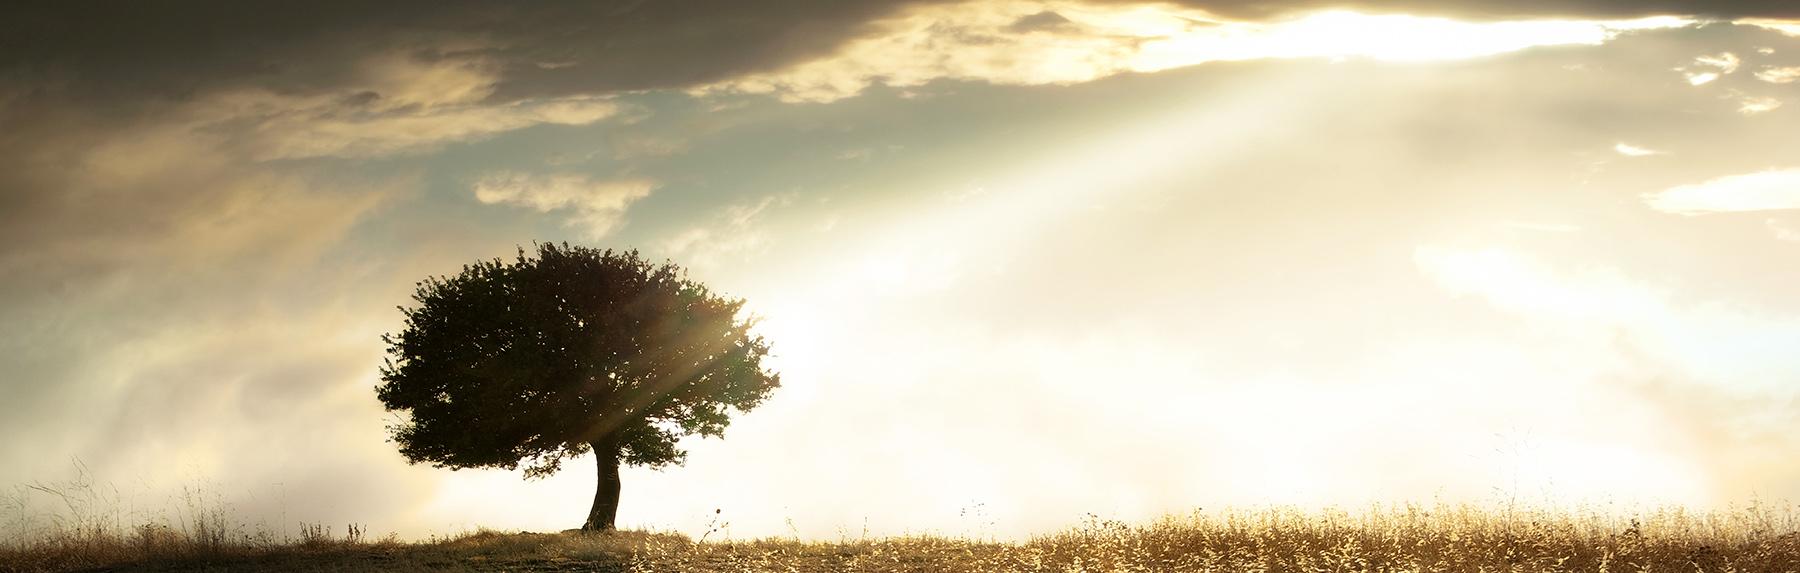 Foto von Baum in Farbe